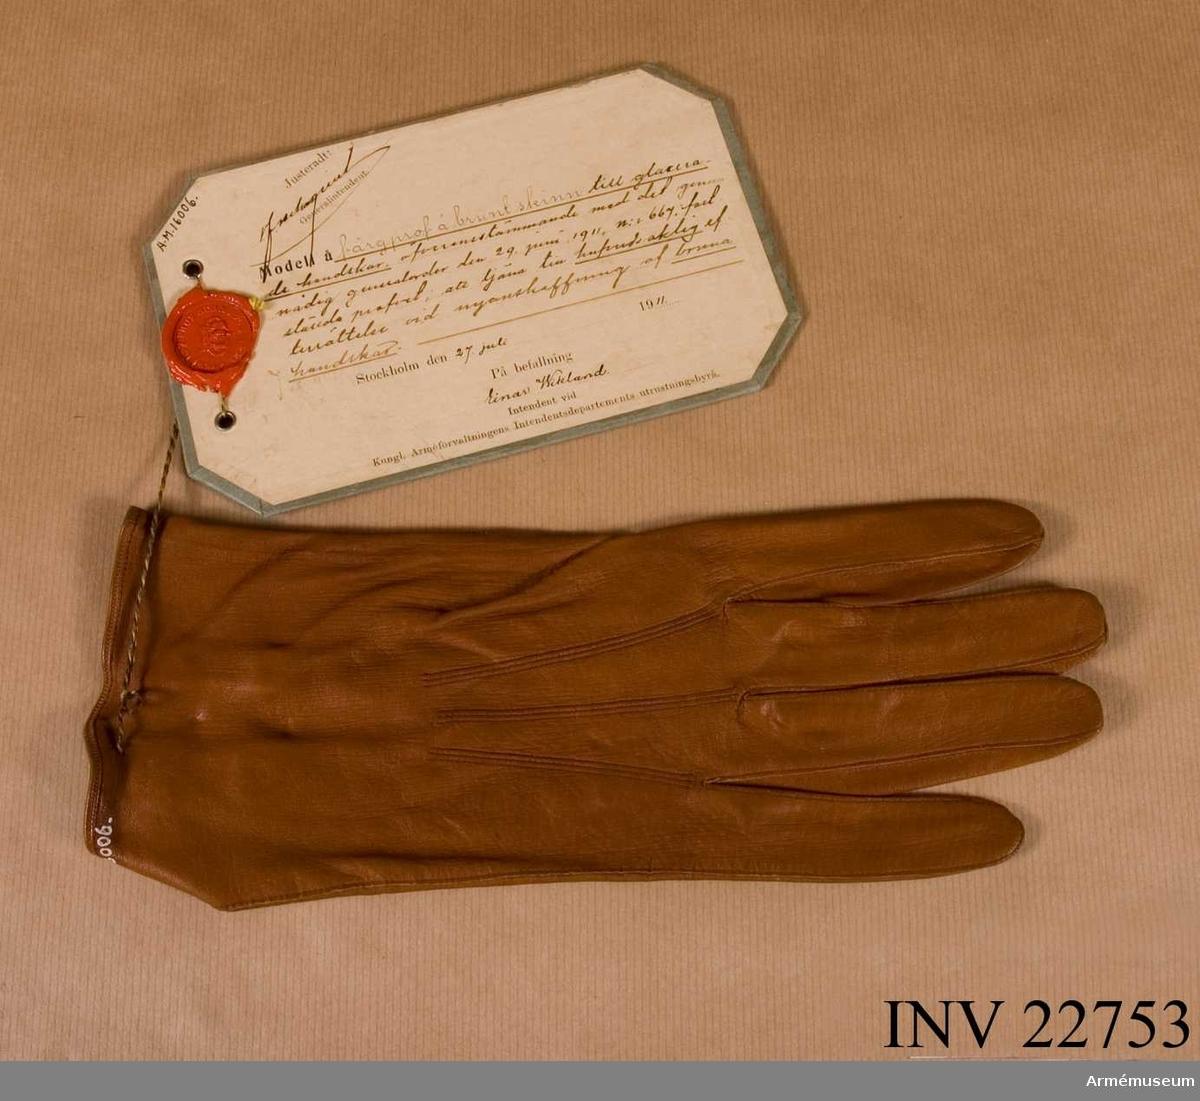 Grupp C I. Färgprov m/1911 å brunt skinn / högerhandske / till glacerade handskar, att tjäna till huvudsaklig efterrättelse vid anskaffning av bruna handskar. Färgprov m/1911, handskar, Norrbottens reg.